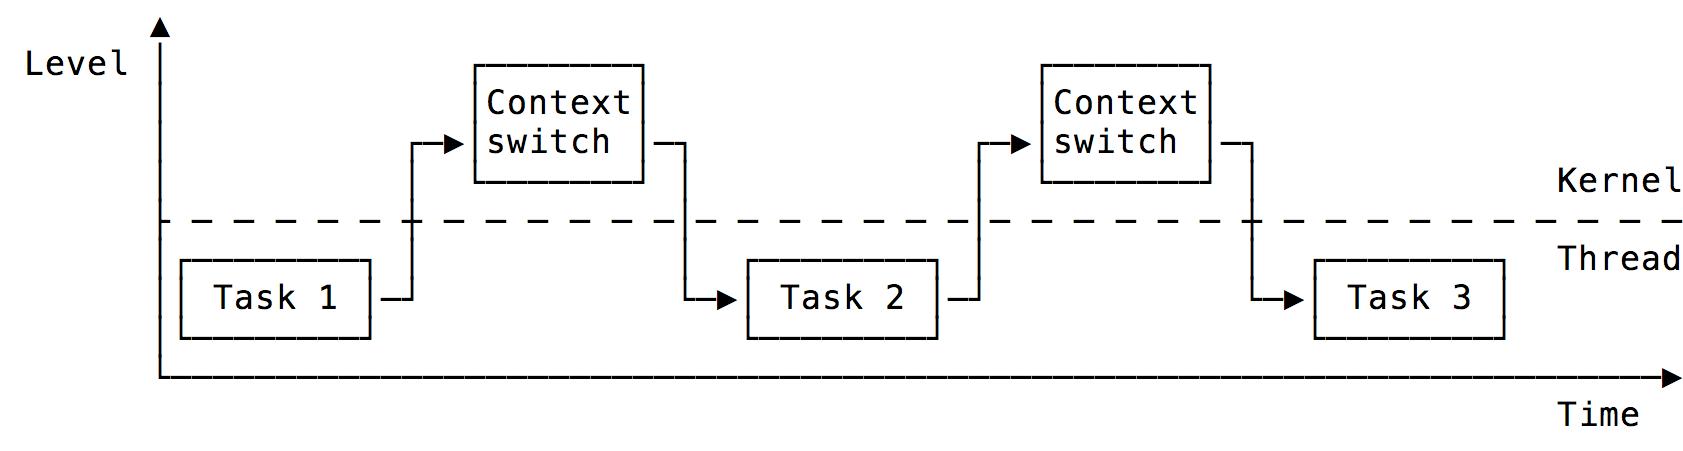 Context Switch on the ARM Cortex-M0 - Adam Heinrich